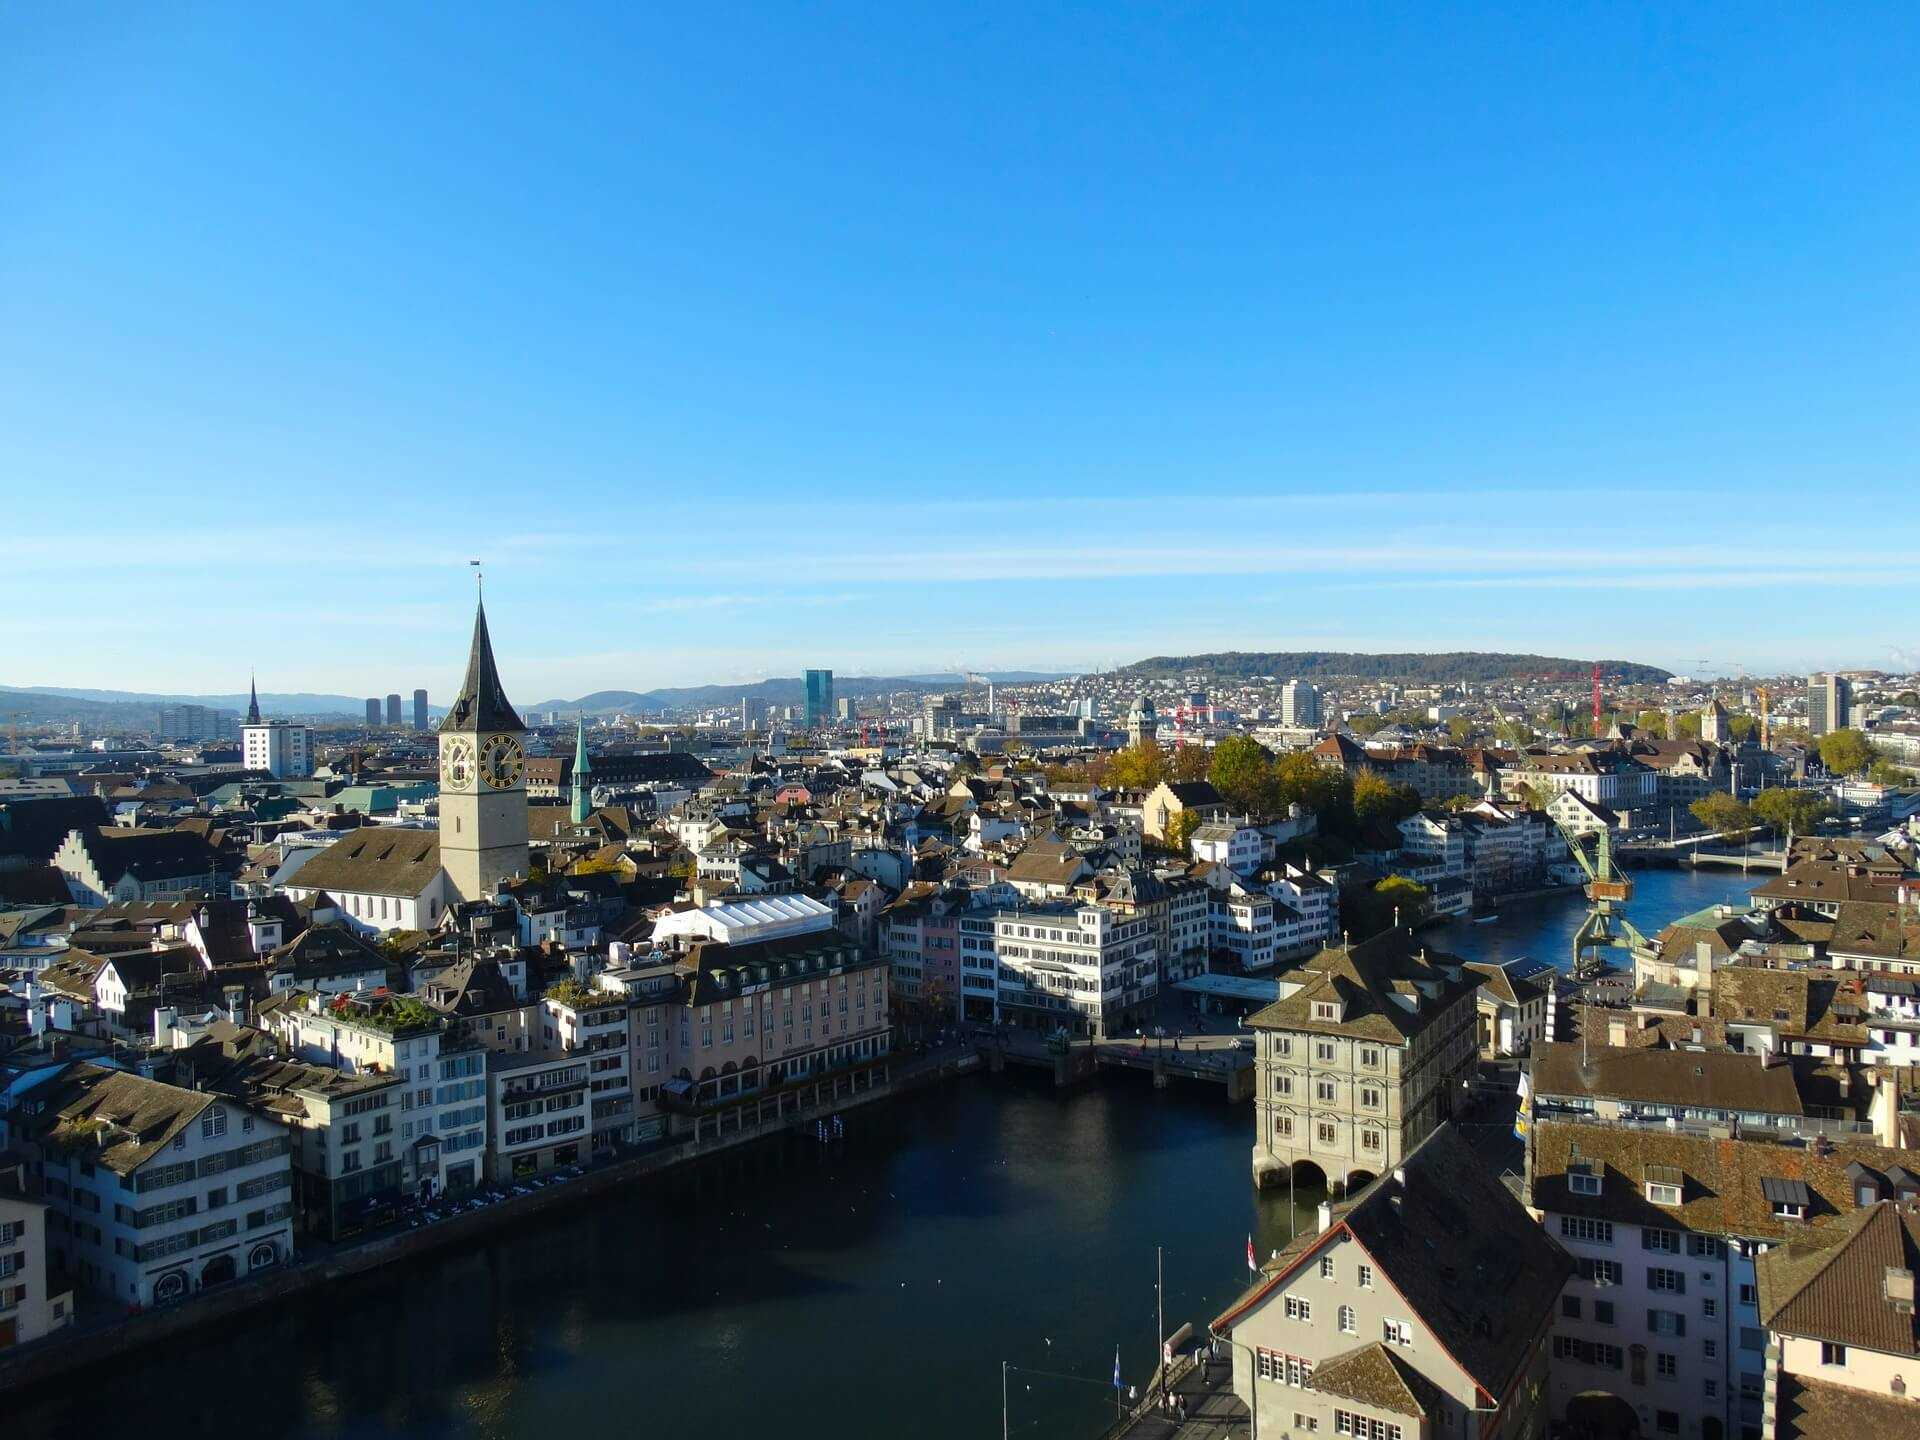 Direktflüge und Billigflüge ab Hamburg nach Zürich